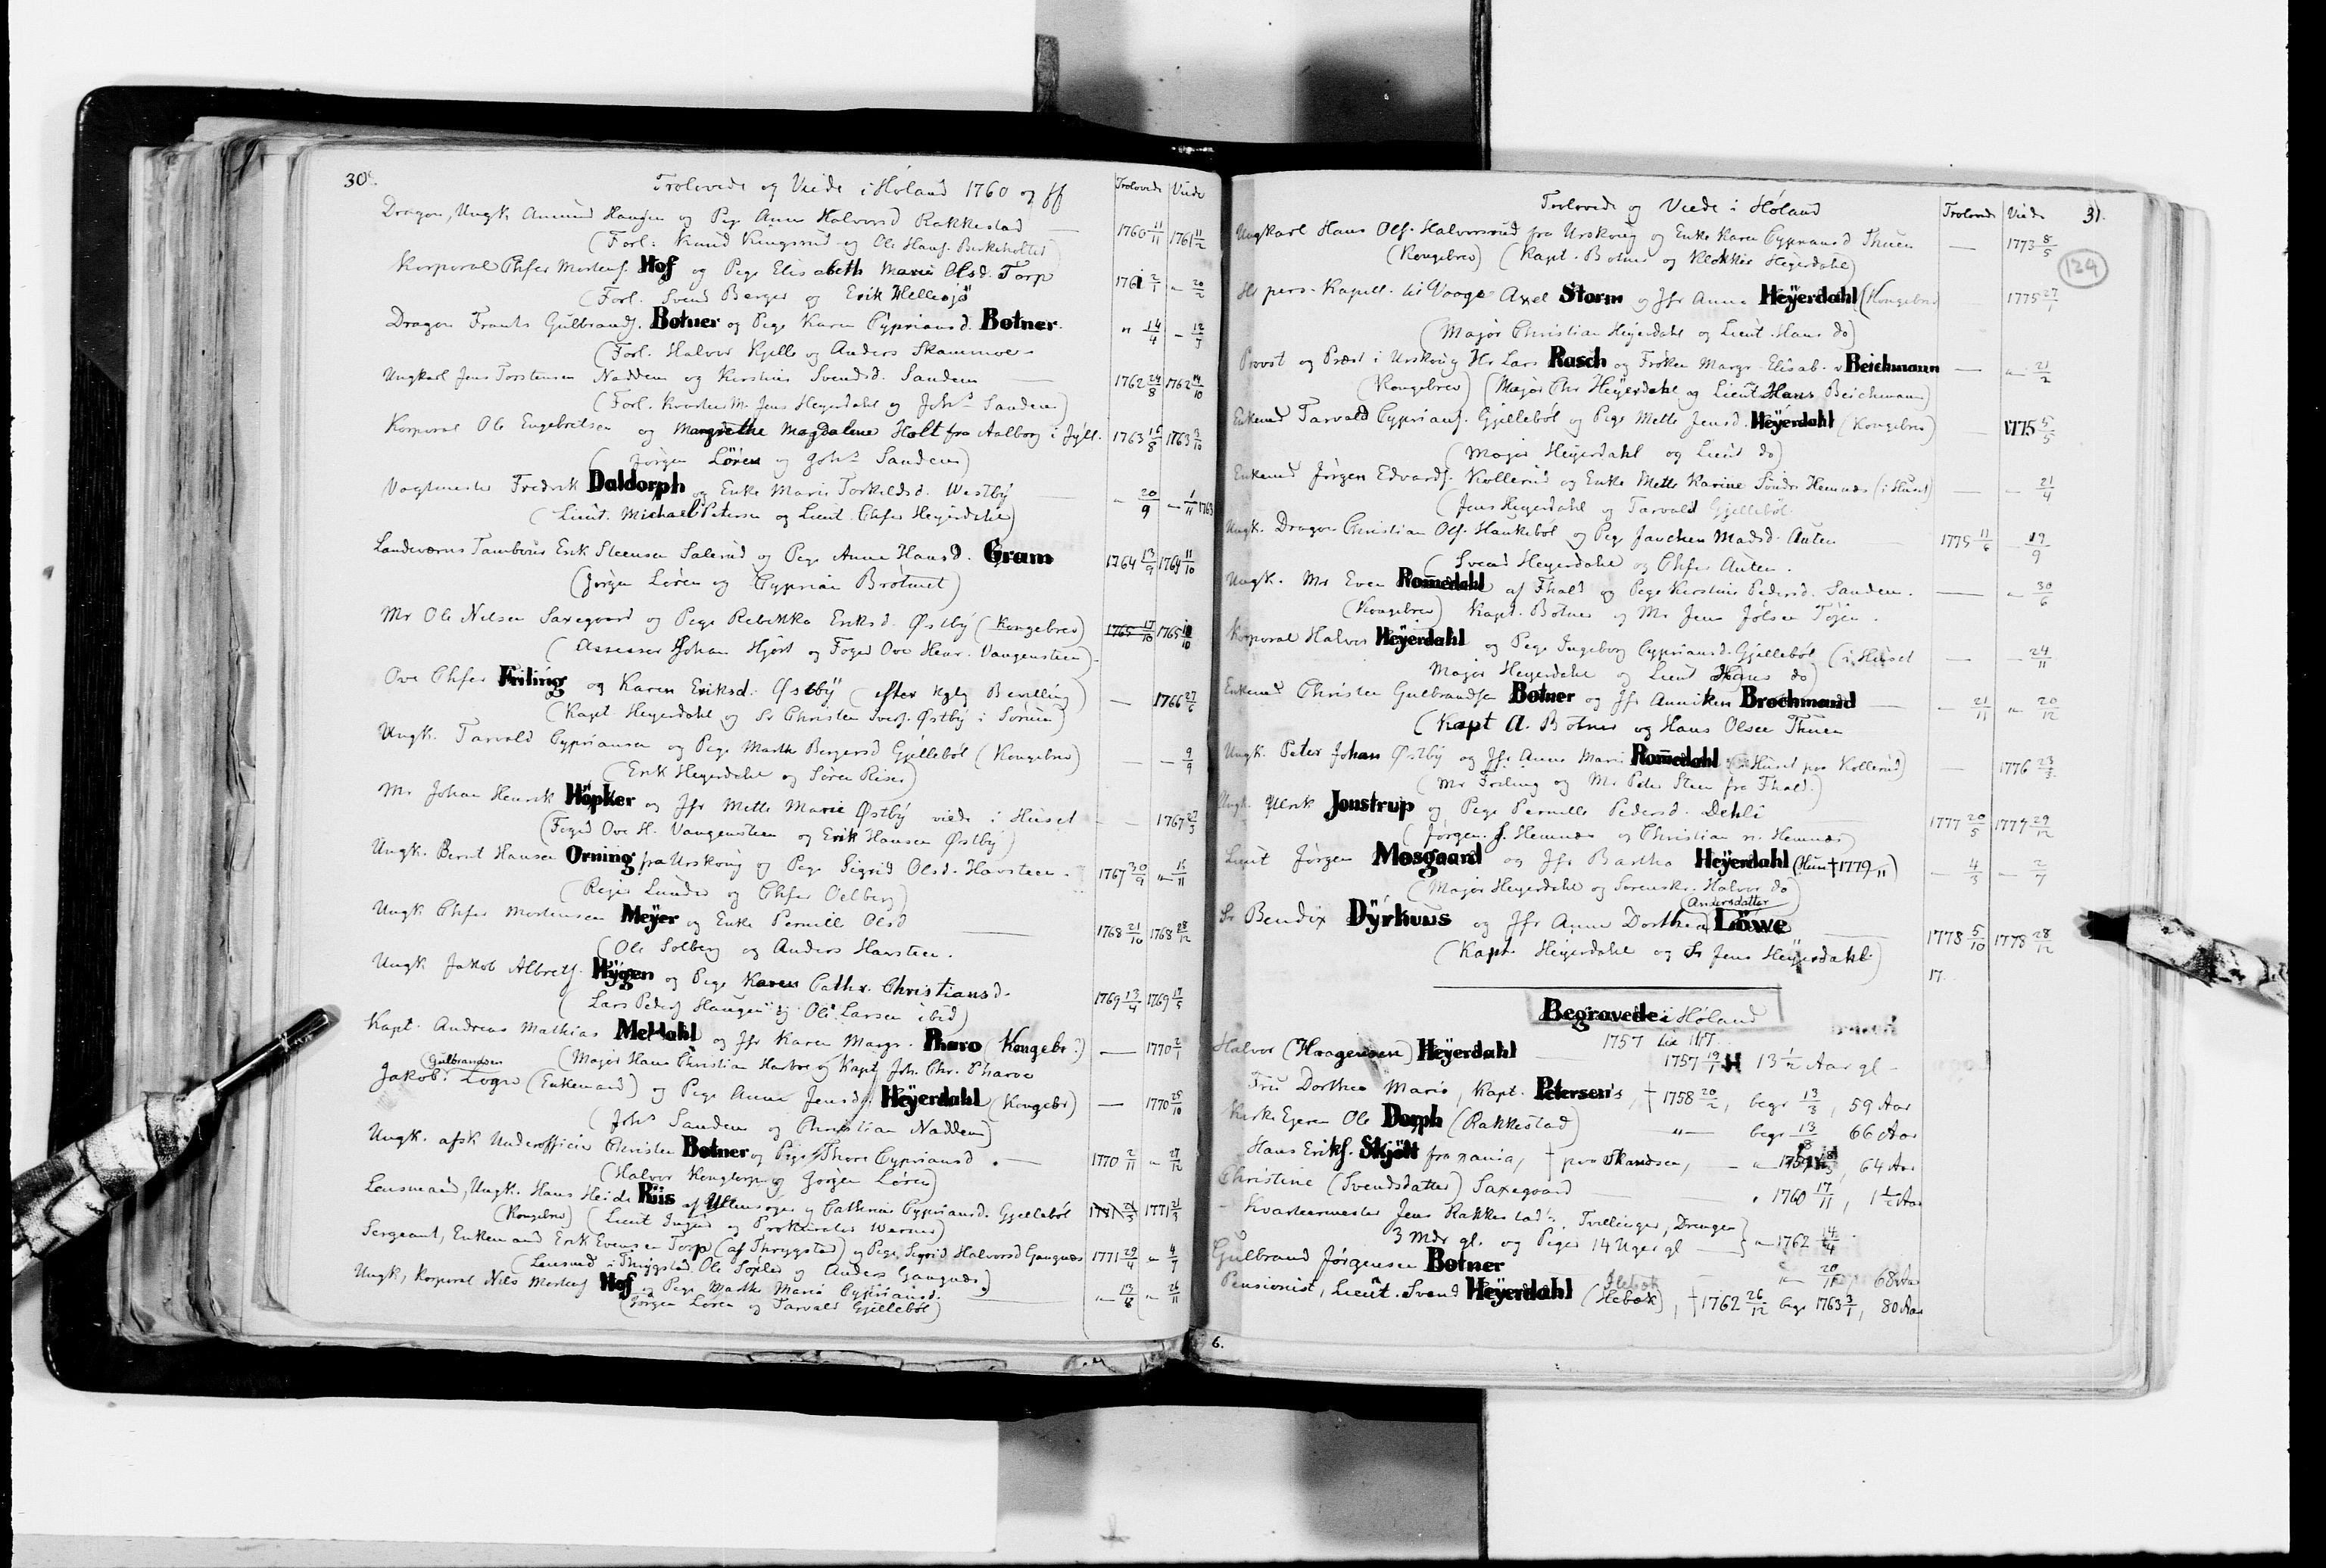 RA, Lassens samlinger, F/Fc, s. 124